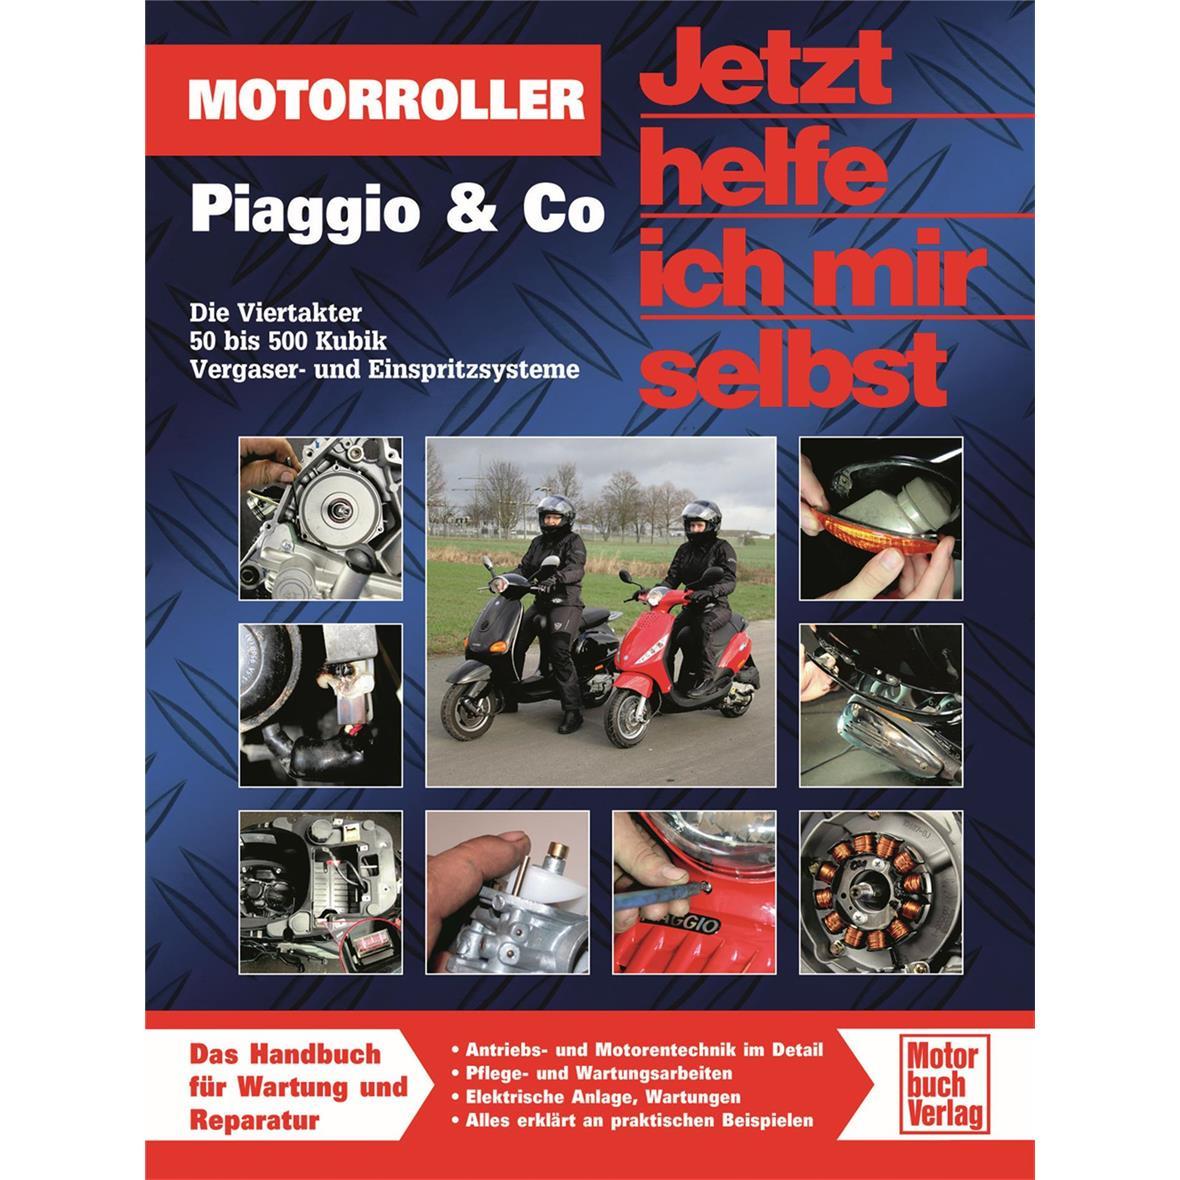 """Product Image for 'Hand Book """"Jetzt helfe ich mir selbst"""" Vespa, Piaggio & Co. - Die Viertakter 50 bis 500 KubikTitle'"""